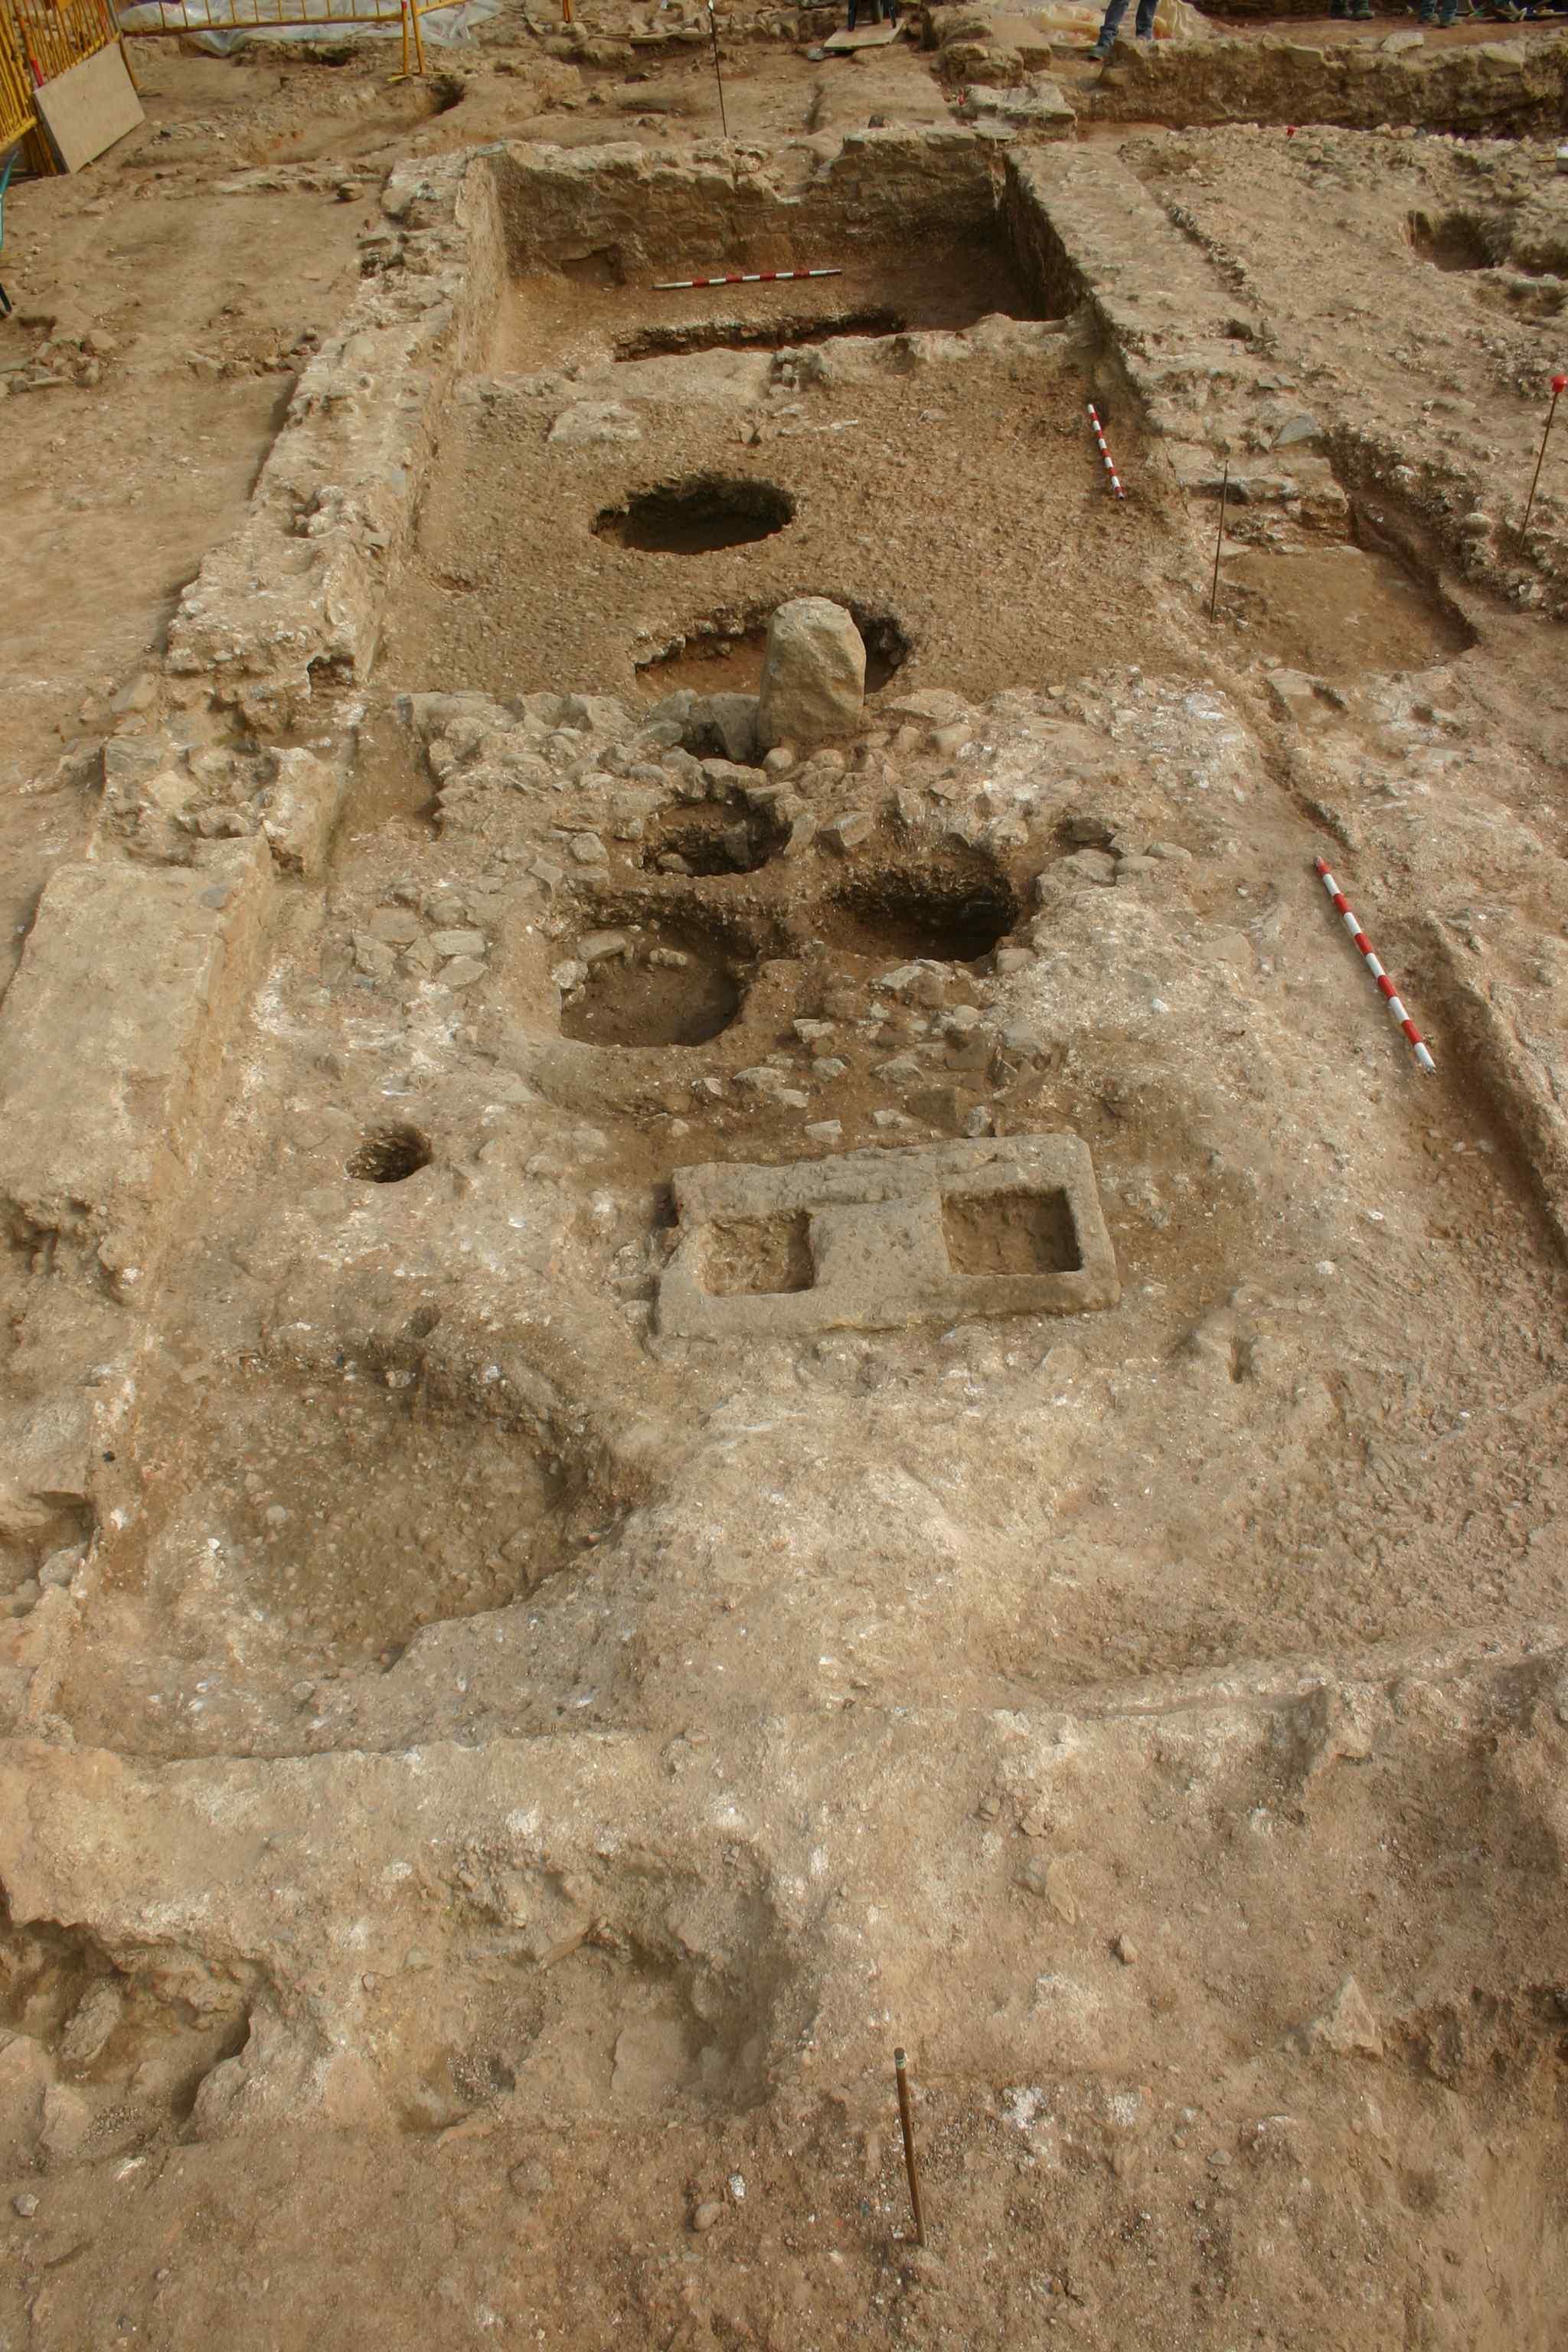 Vila romana Sagrera. Premsa de vi. Foto: Daniel Alcubierre (Còdex)